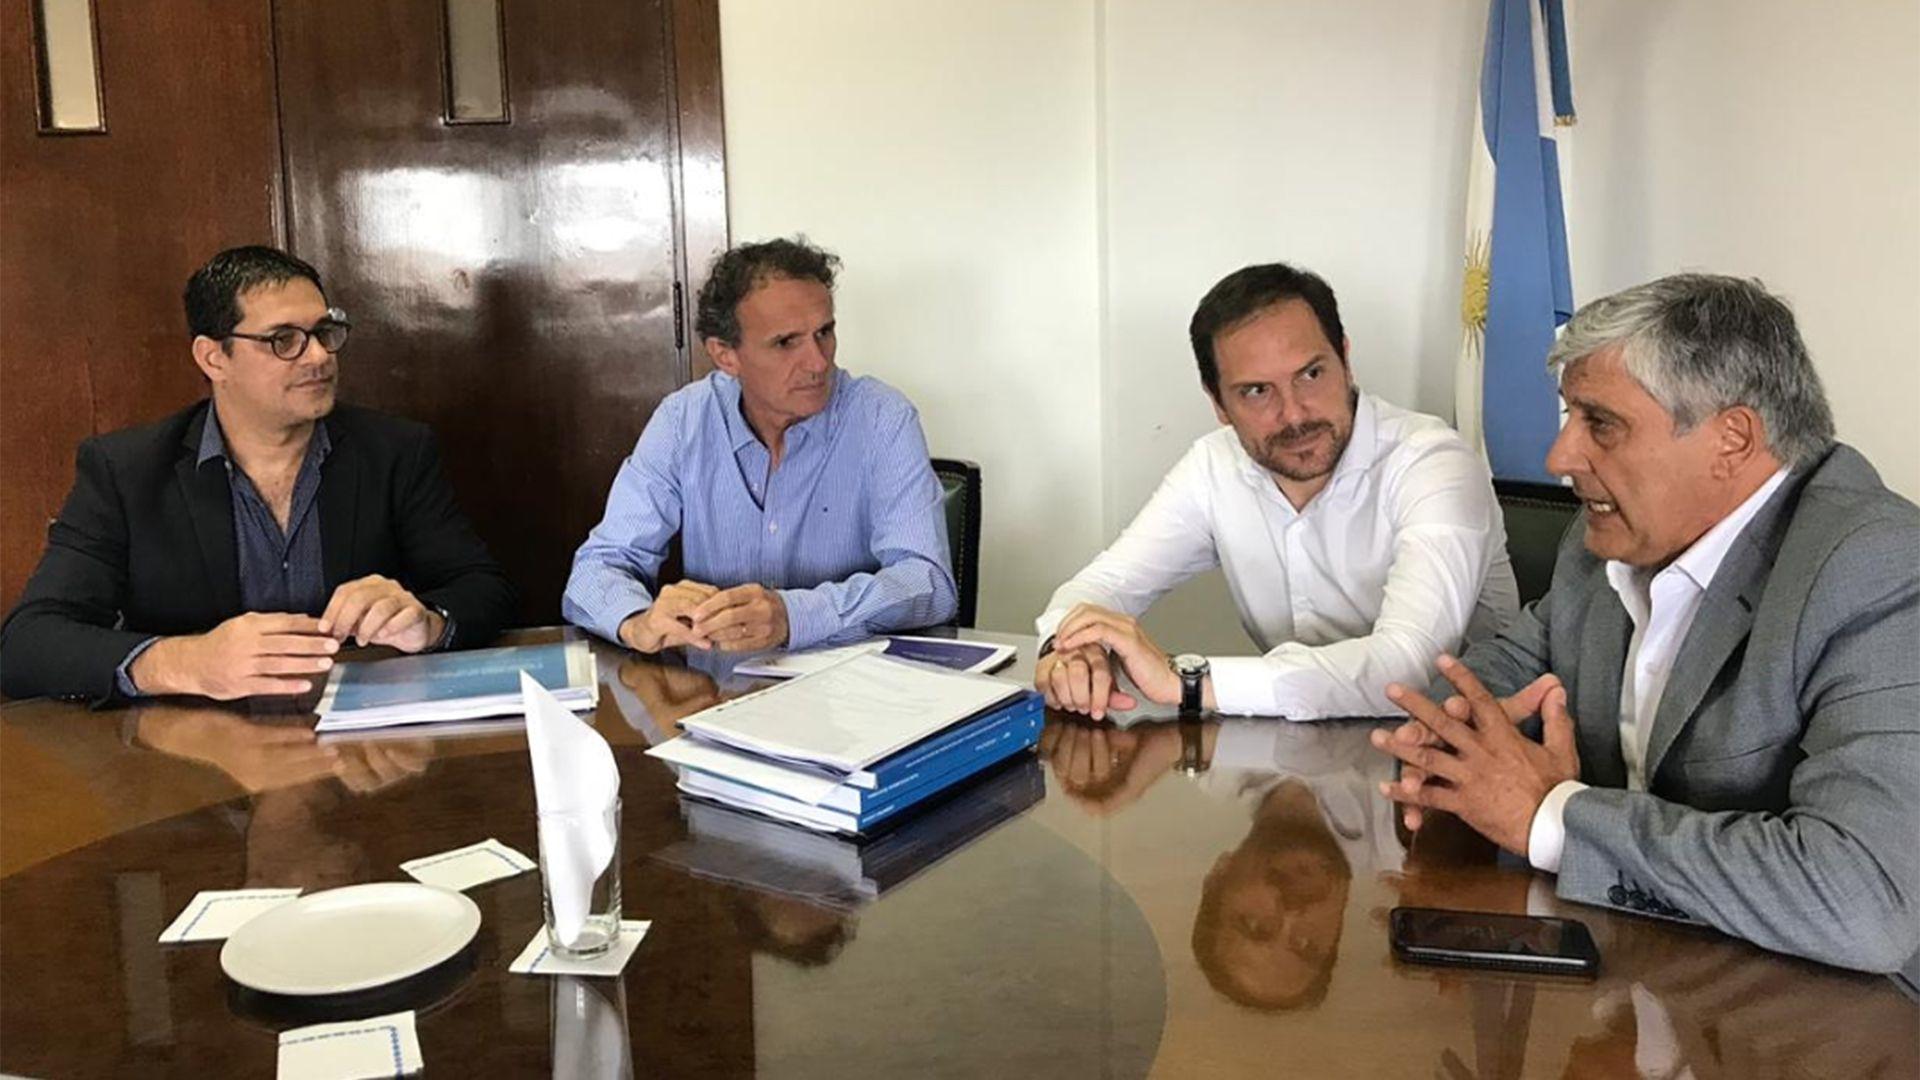 Martín Gill aseguró que todo su equipo dio negativo, pero aún resta saber si mantuvo contacto estrecho con algún otro funcionario de la gestión de Alberto Fernández.